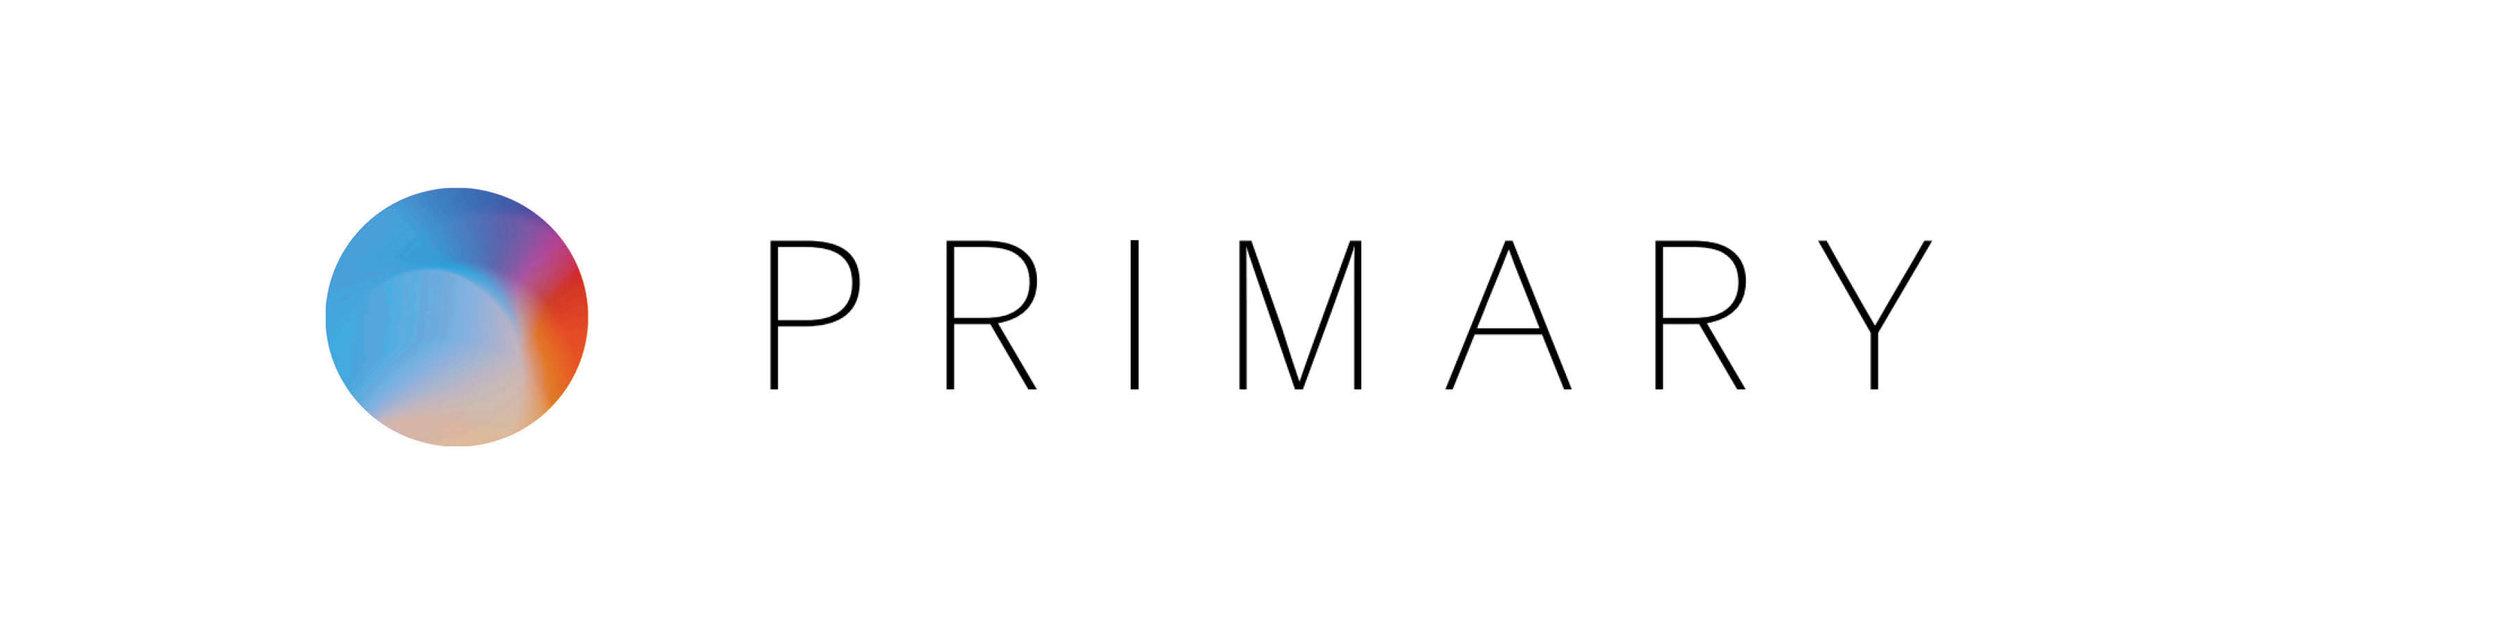 Primary Logo Penn (1).jpg